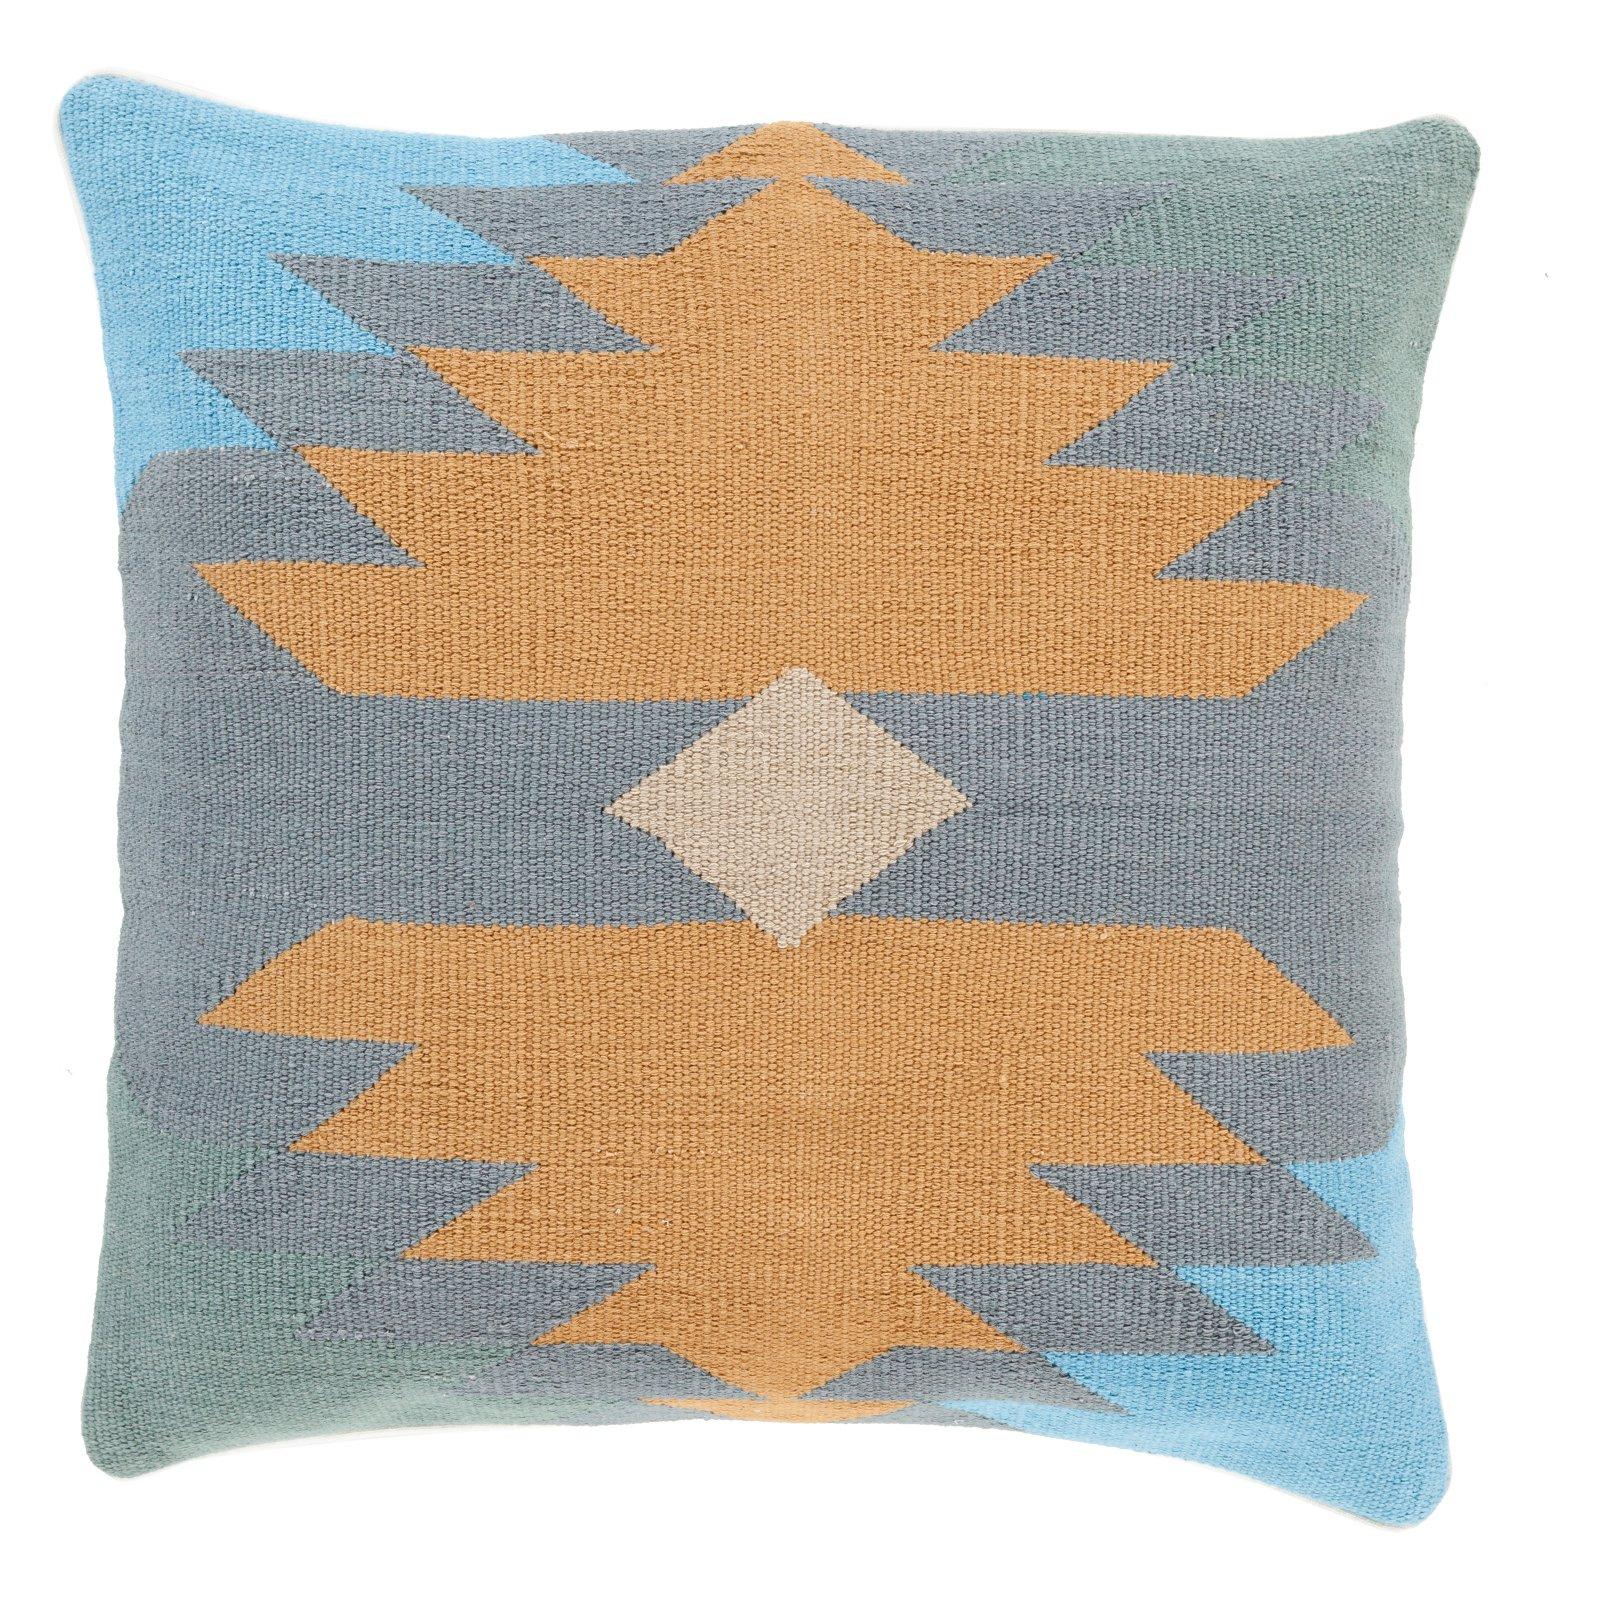 Surya Cotton Kilim Decorative Throw Pillow